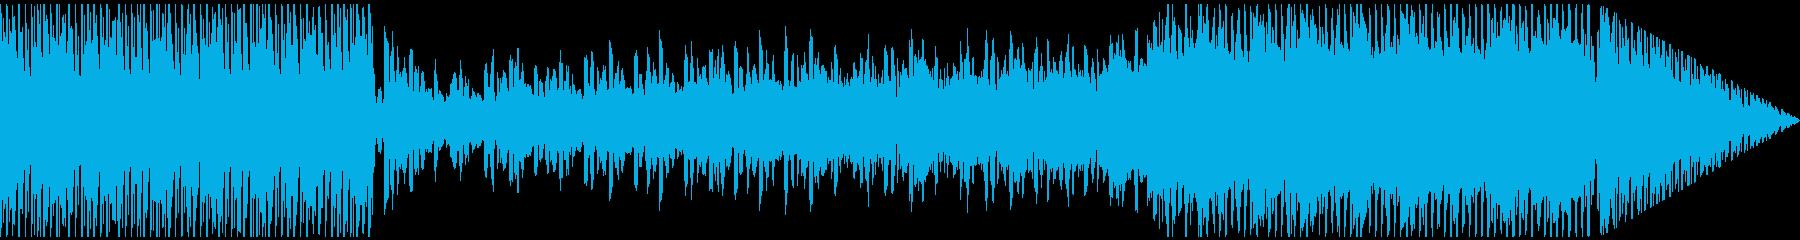 幻想的なメロディックテクノの再生済みの波形